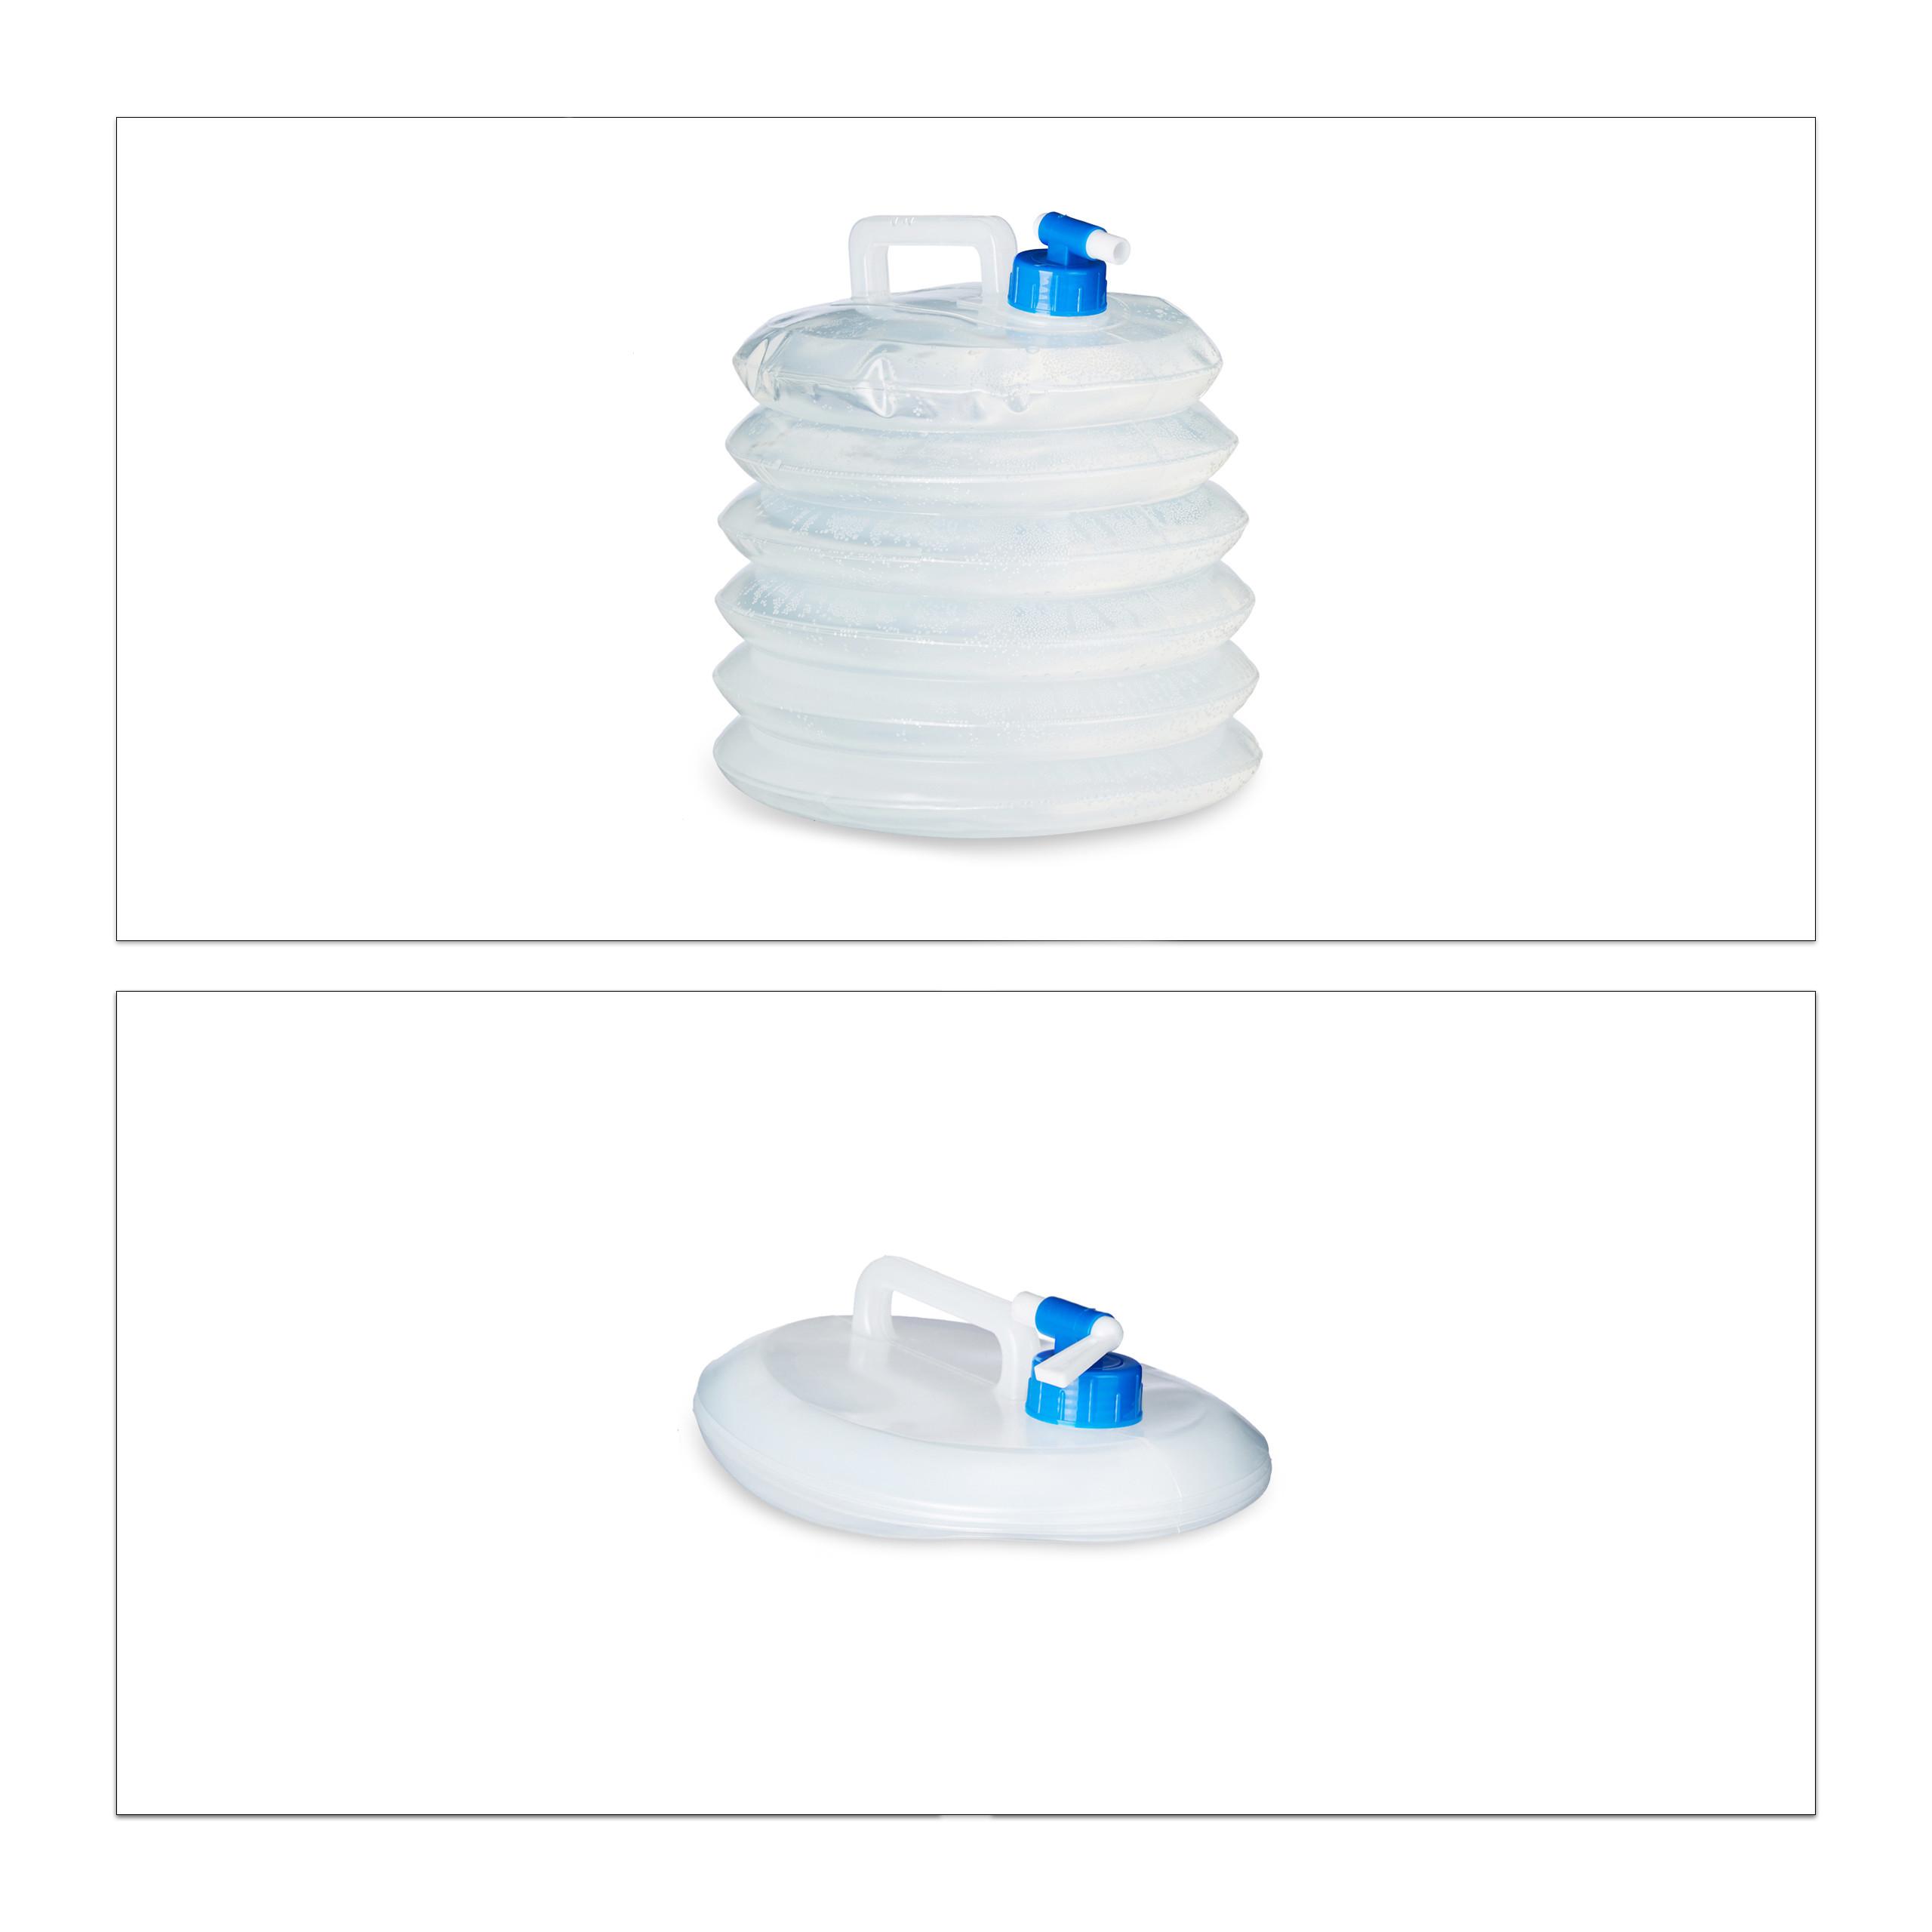 Indexbild 16 - Wasserkanister faltbar 4er Set Faltkanister Camping Trinkwasserkanister BPA frei